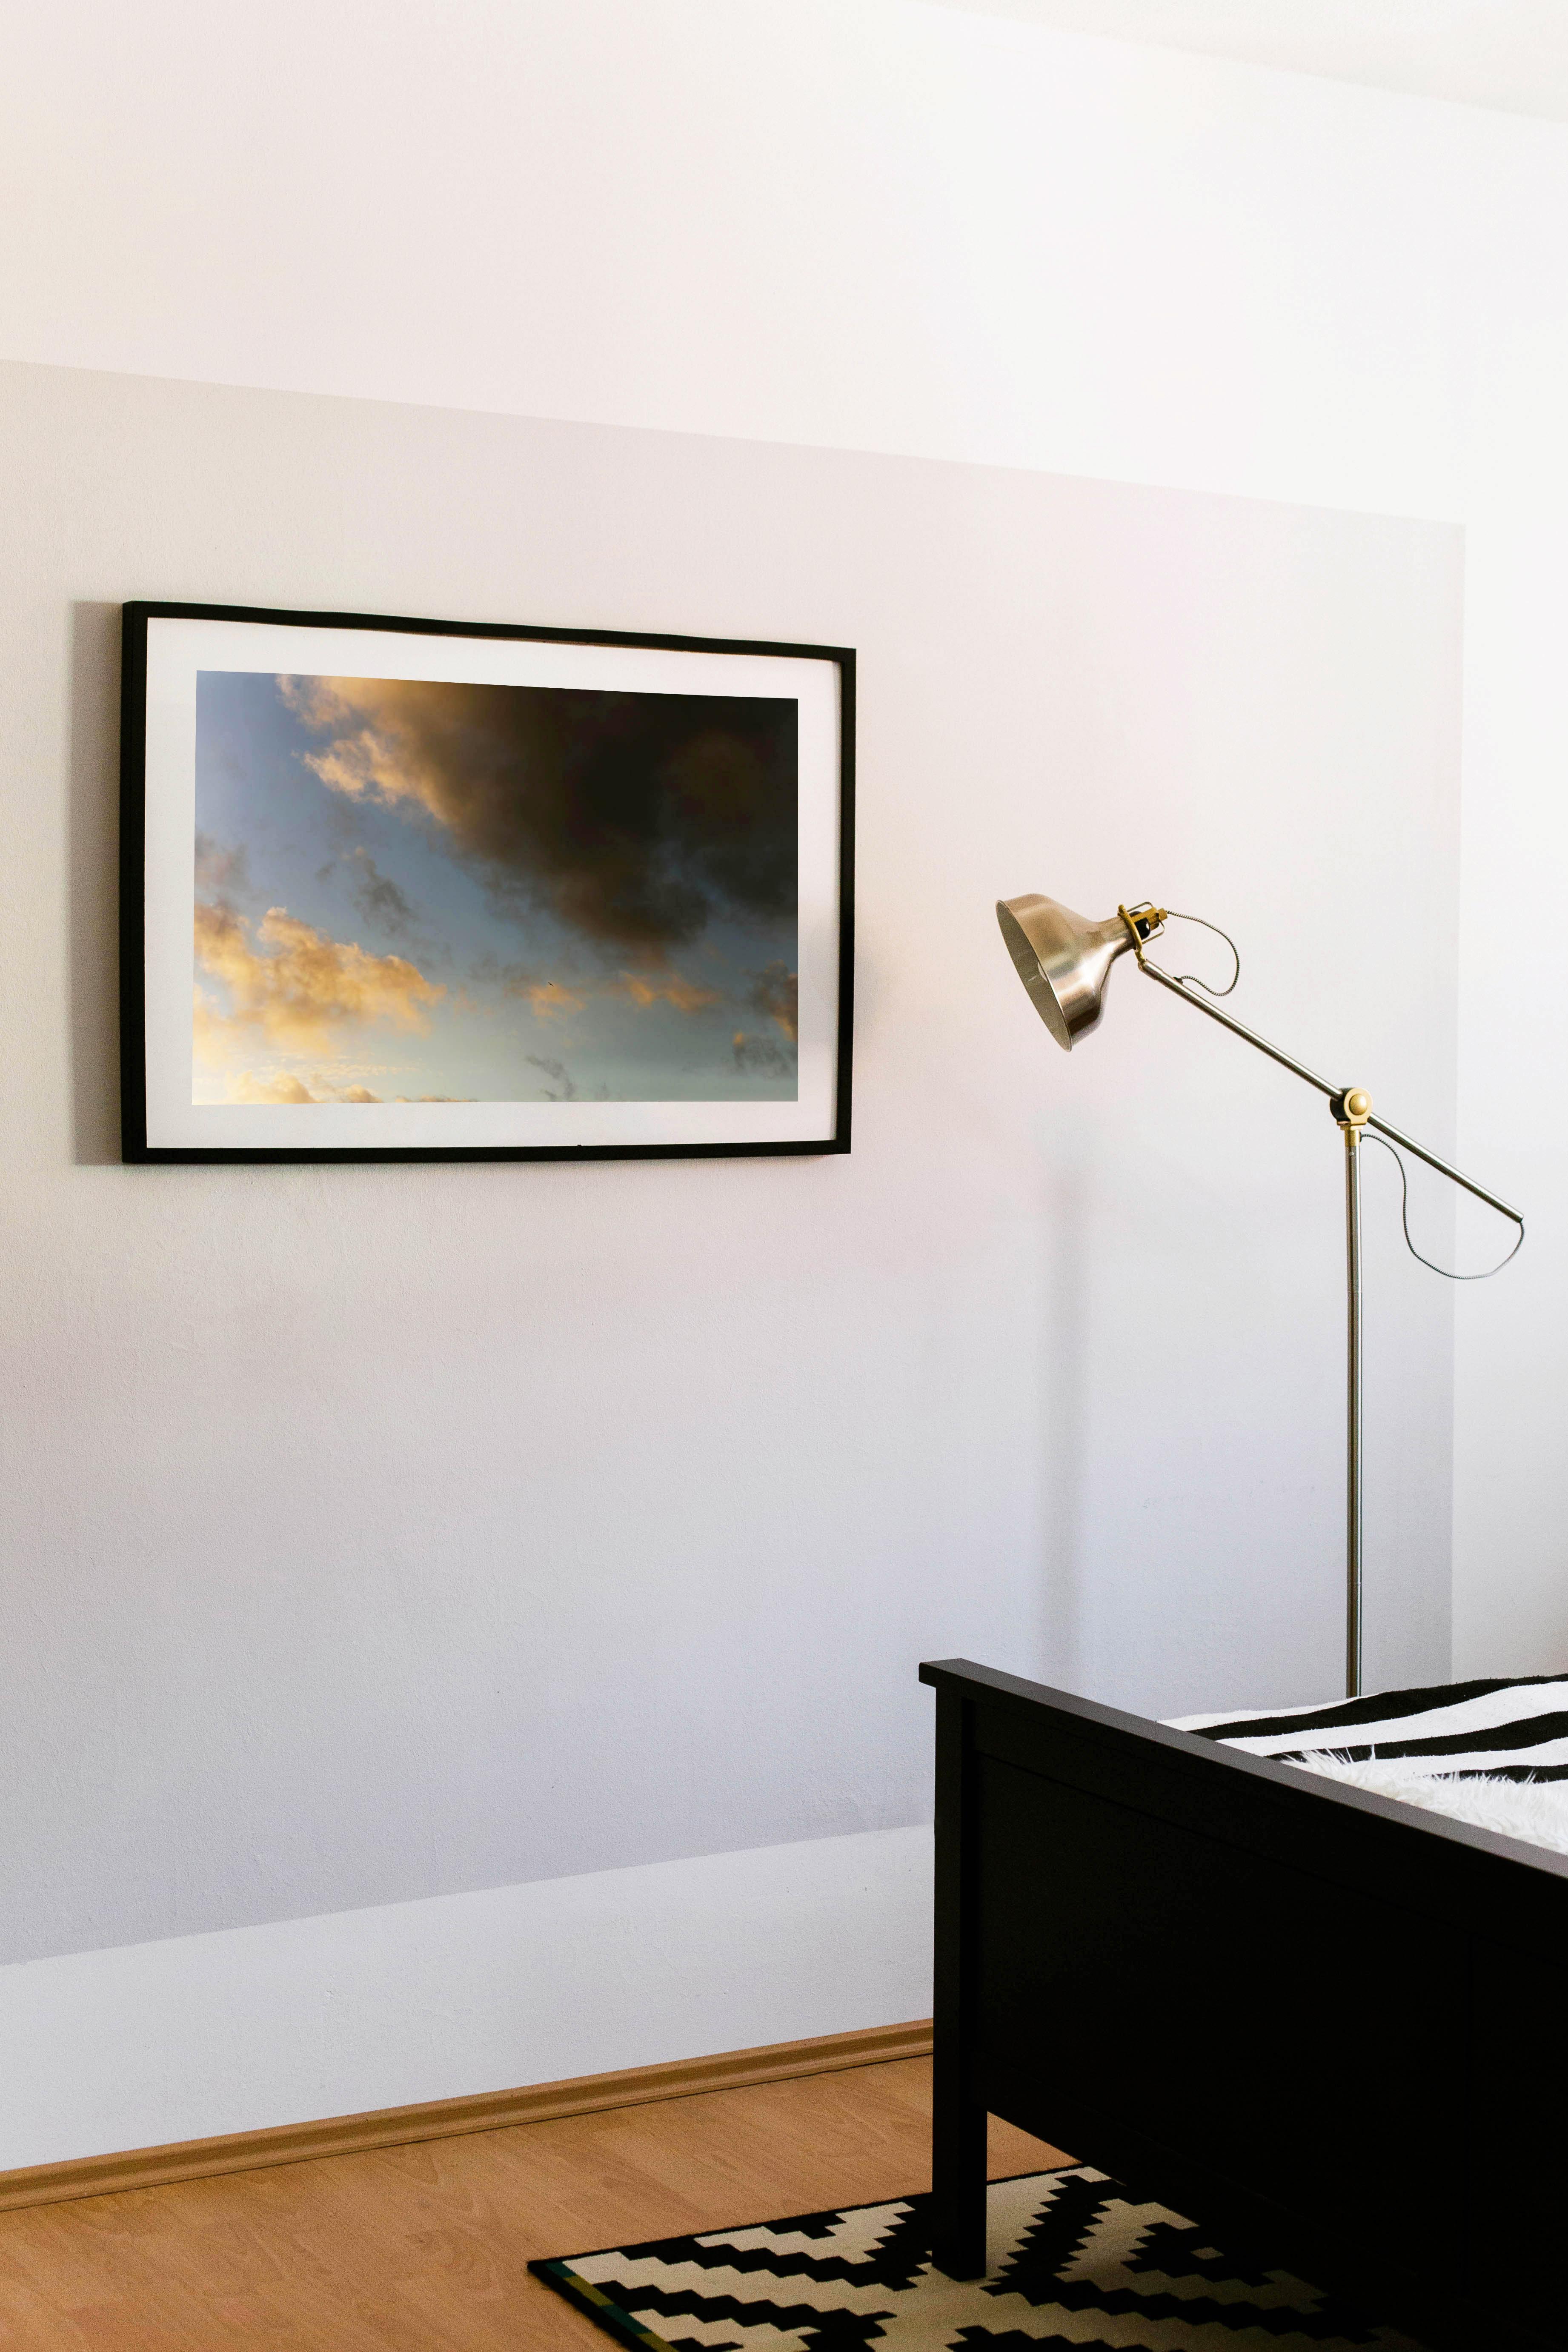 Fotoposter für euer Zuhause